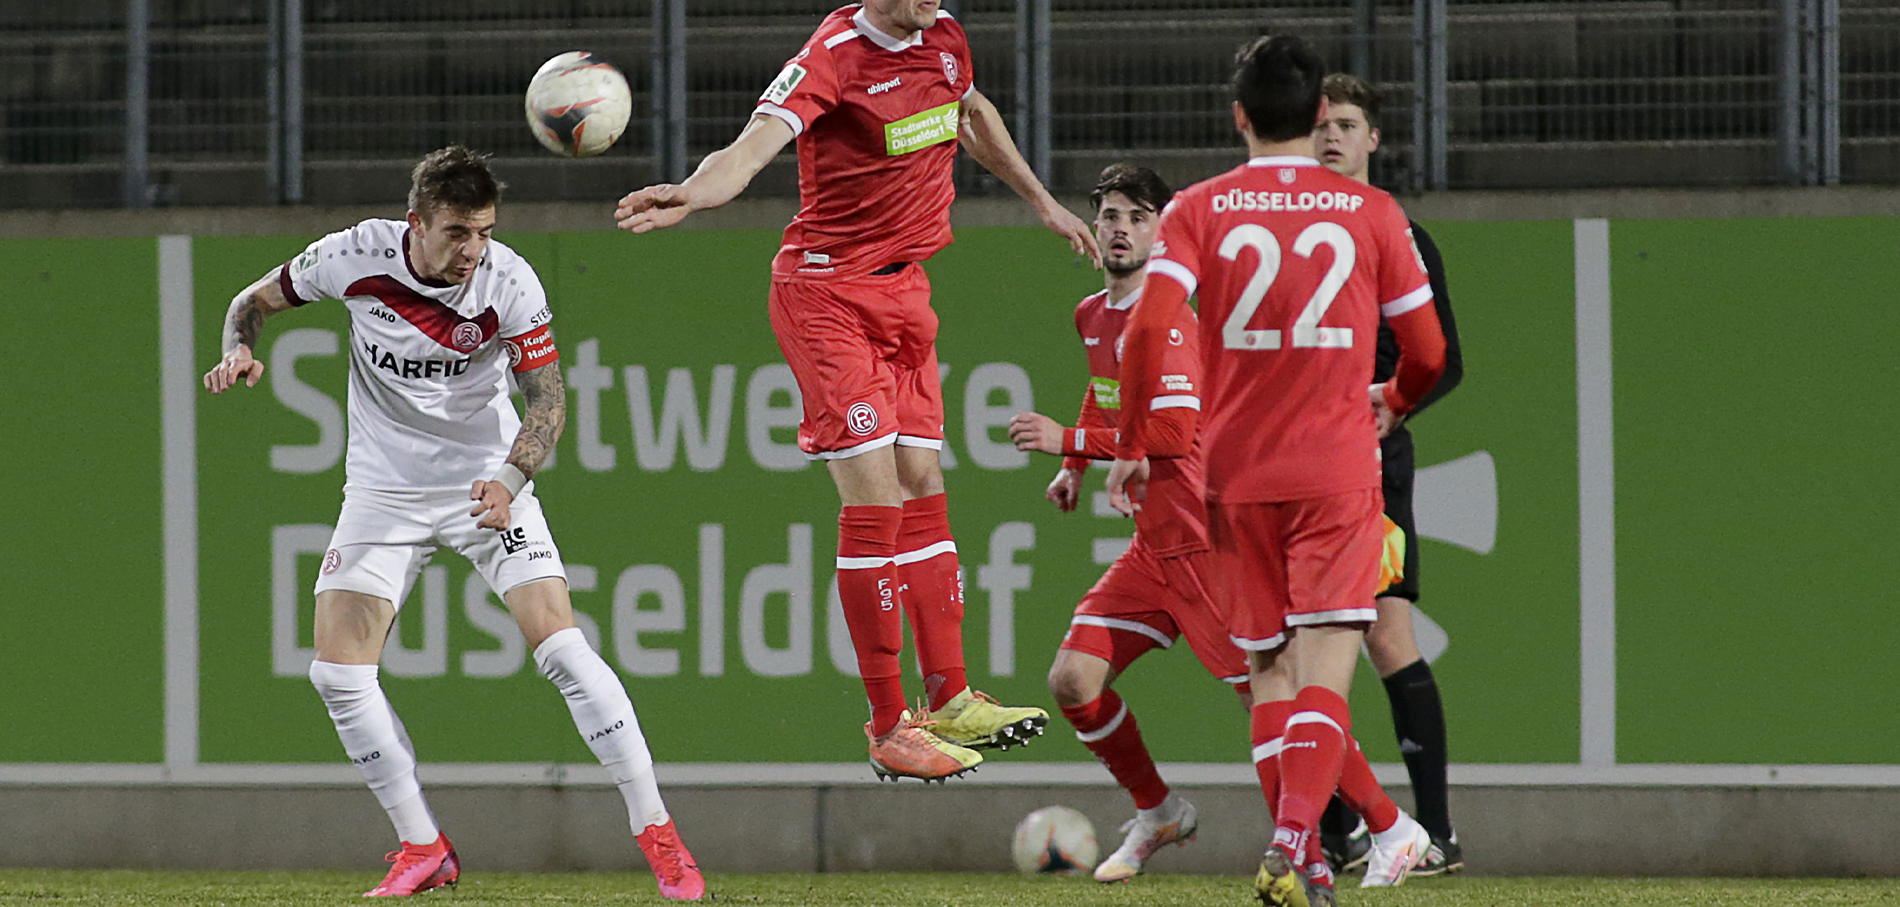 """Marco Kehl-Gomez: """"Wir sind verantwortlich für diese Niederlage, niemand anderes."""" (Foto: Endberg)"""